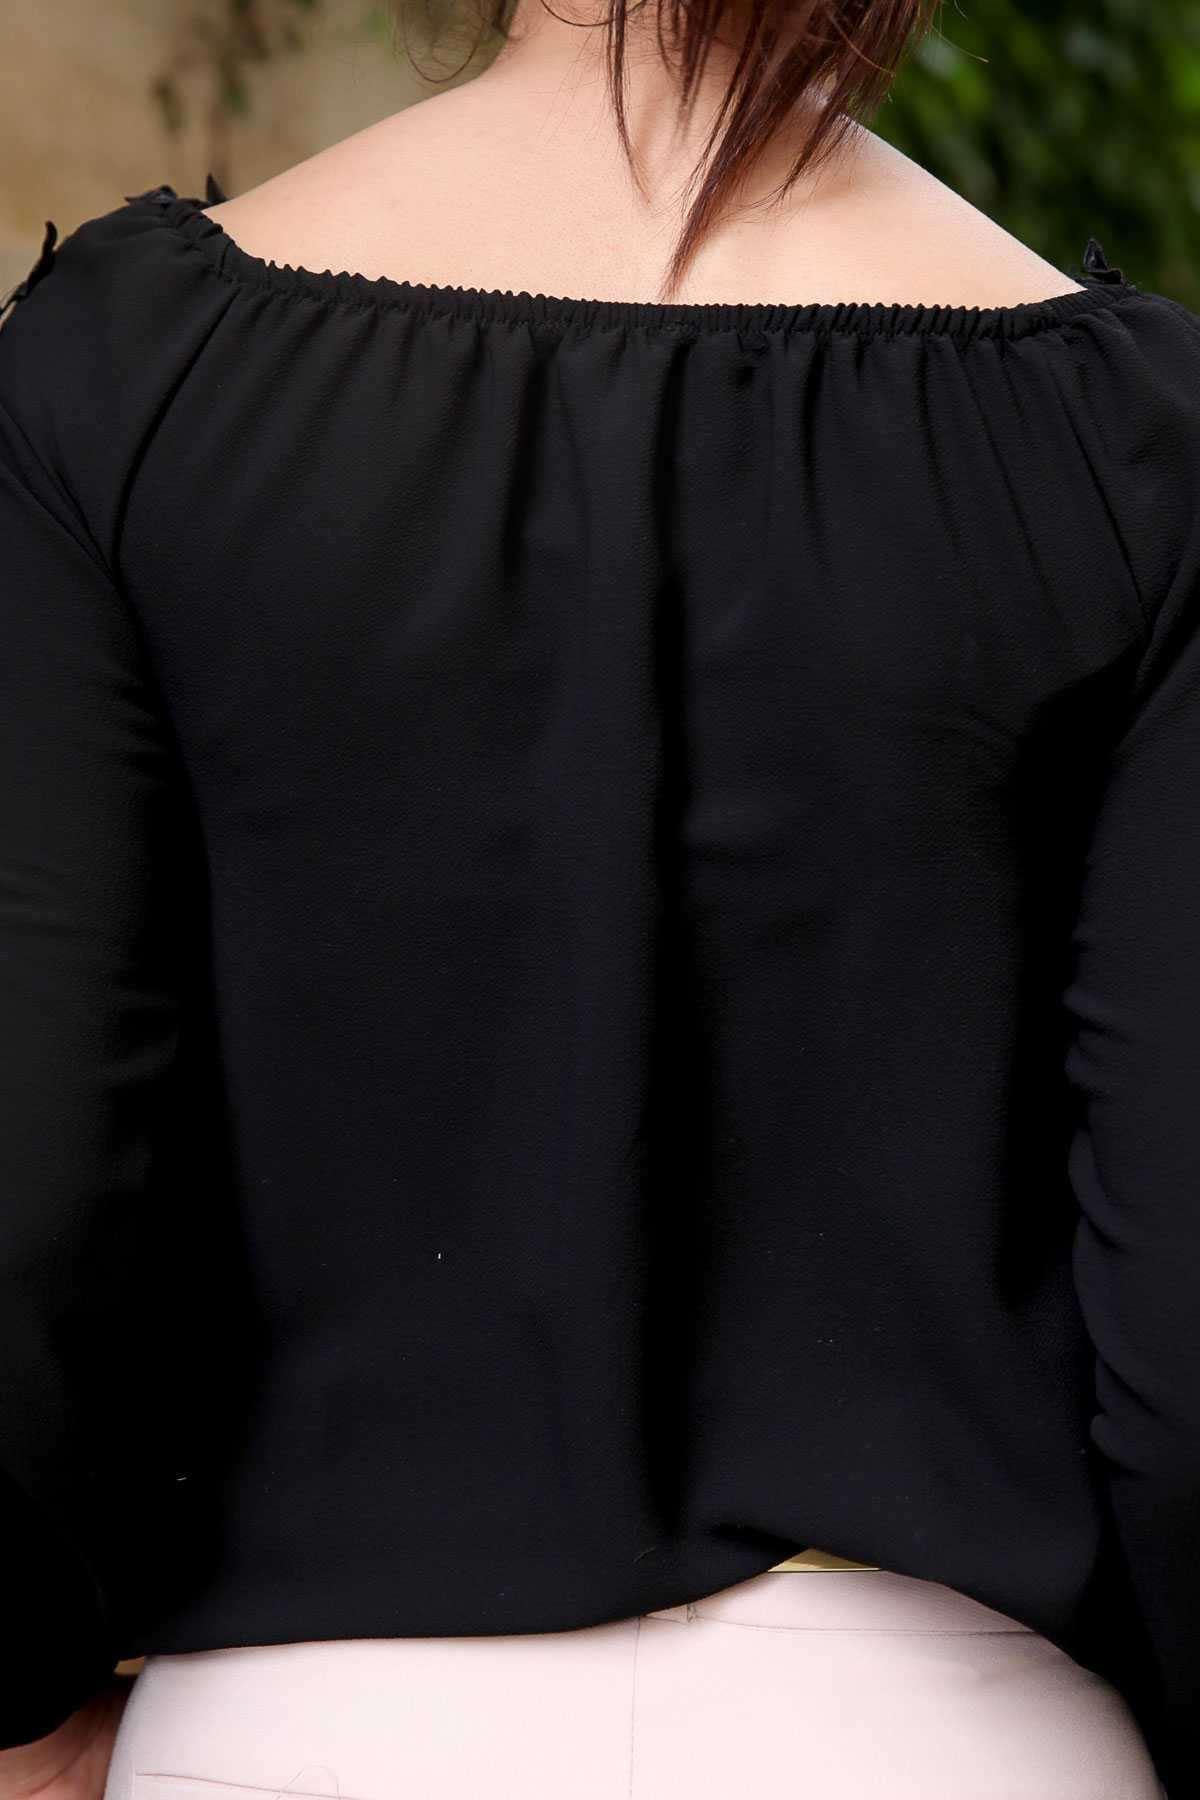 Kolu Yakası Dantel Yapraklı Düşük Omuz Bluz Siyah